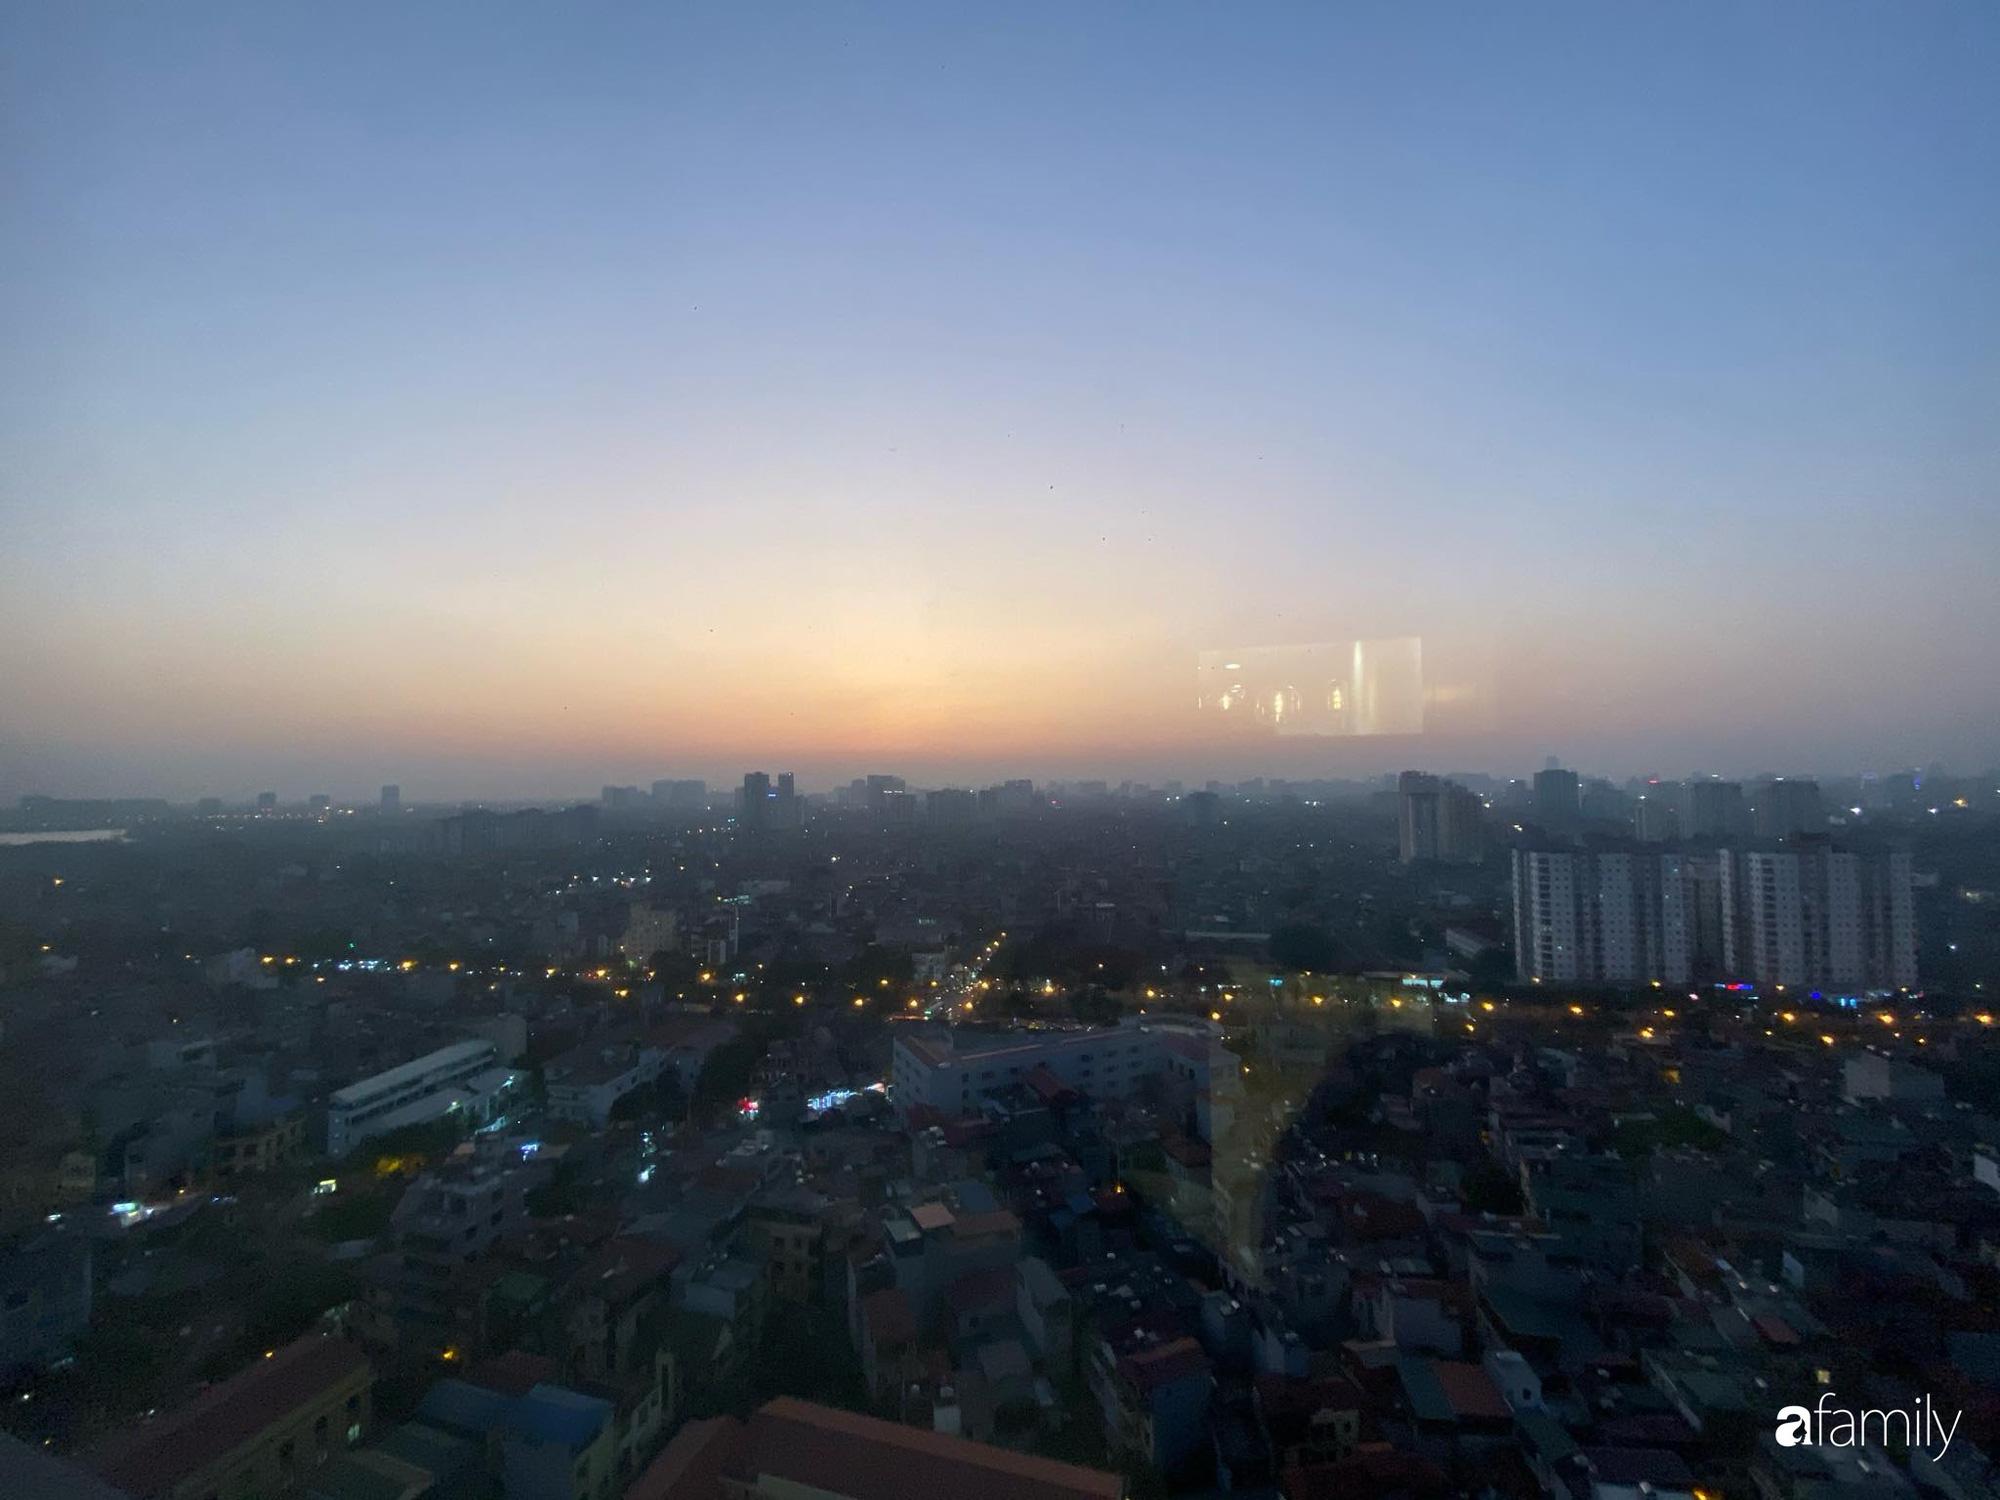 Căn hộ 64m2 trên tầng cao đẹp lôi cuốn nhờ view ngắm hoàng hôn ở Hà Nội - Ảnh 18.